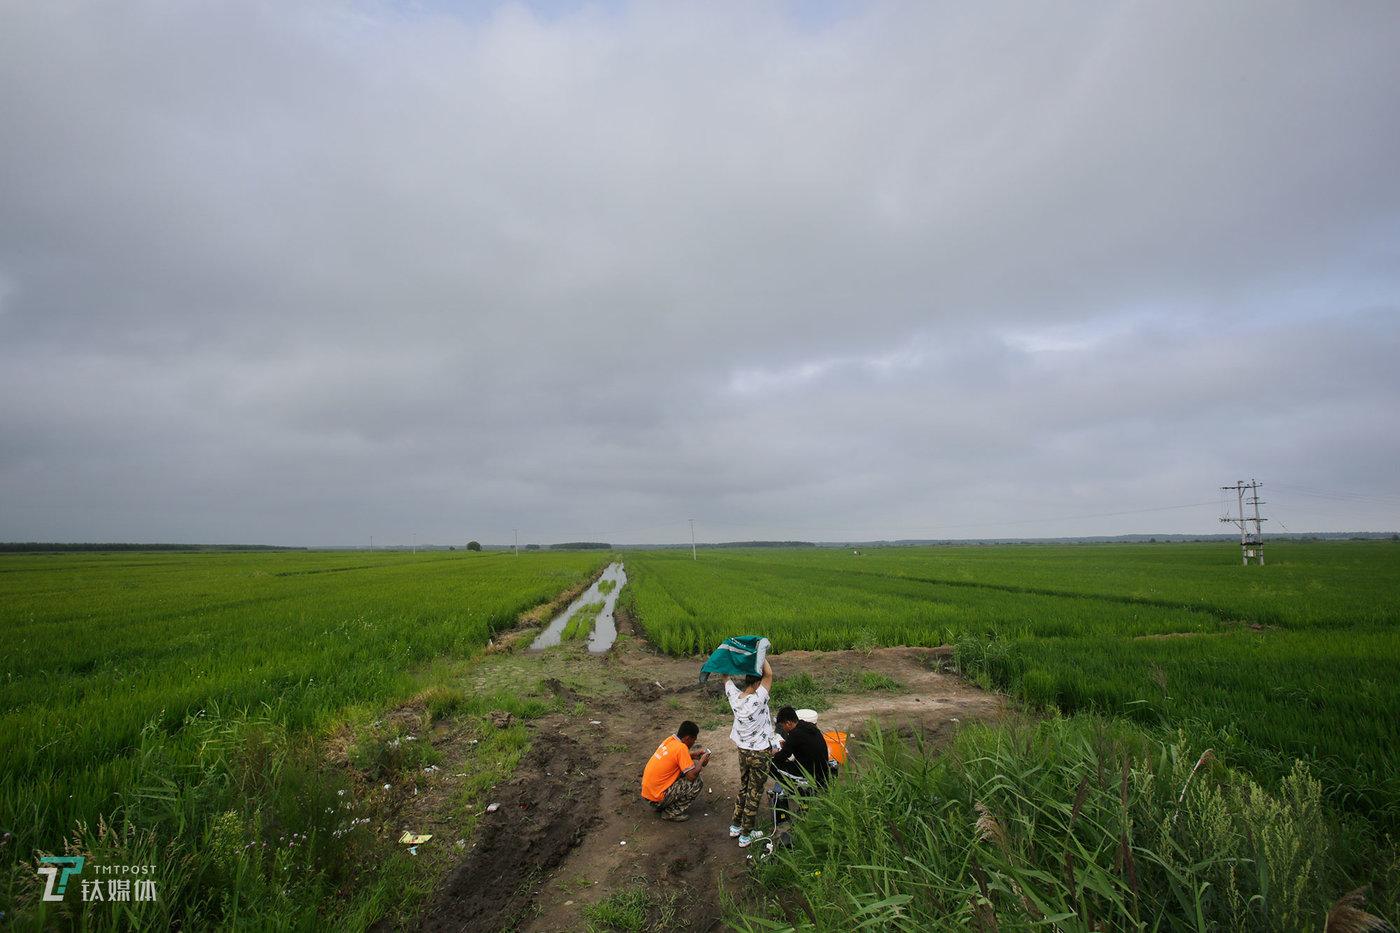 一块地的作业即将完成,大家在等待飞机返航。她家住在市区,每次来回下地都要花不少时间。她觉得自己是个农民,离不开土地、离不开农村。丹丹家有300亩地,她计划明年再租几百亩自己种,扩大规模,她还计划去读一读农业类的成人教育,学习农业技术,做一个跟父辈不一样的农民。